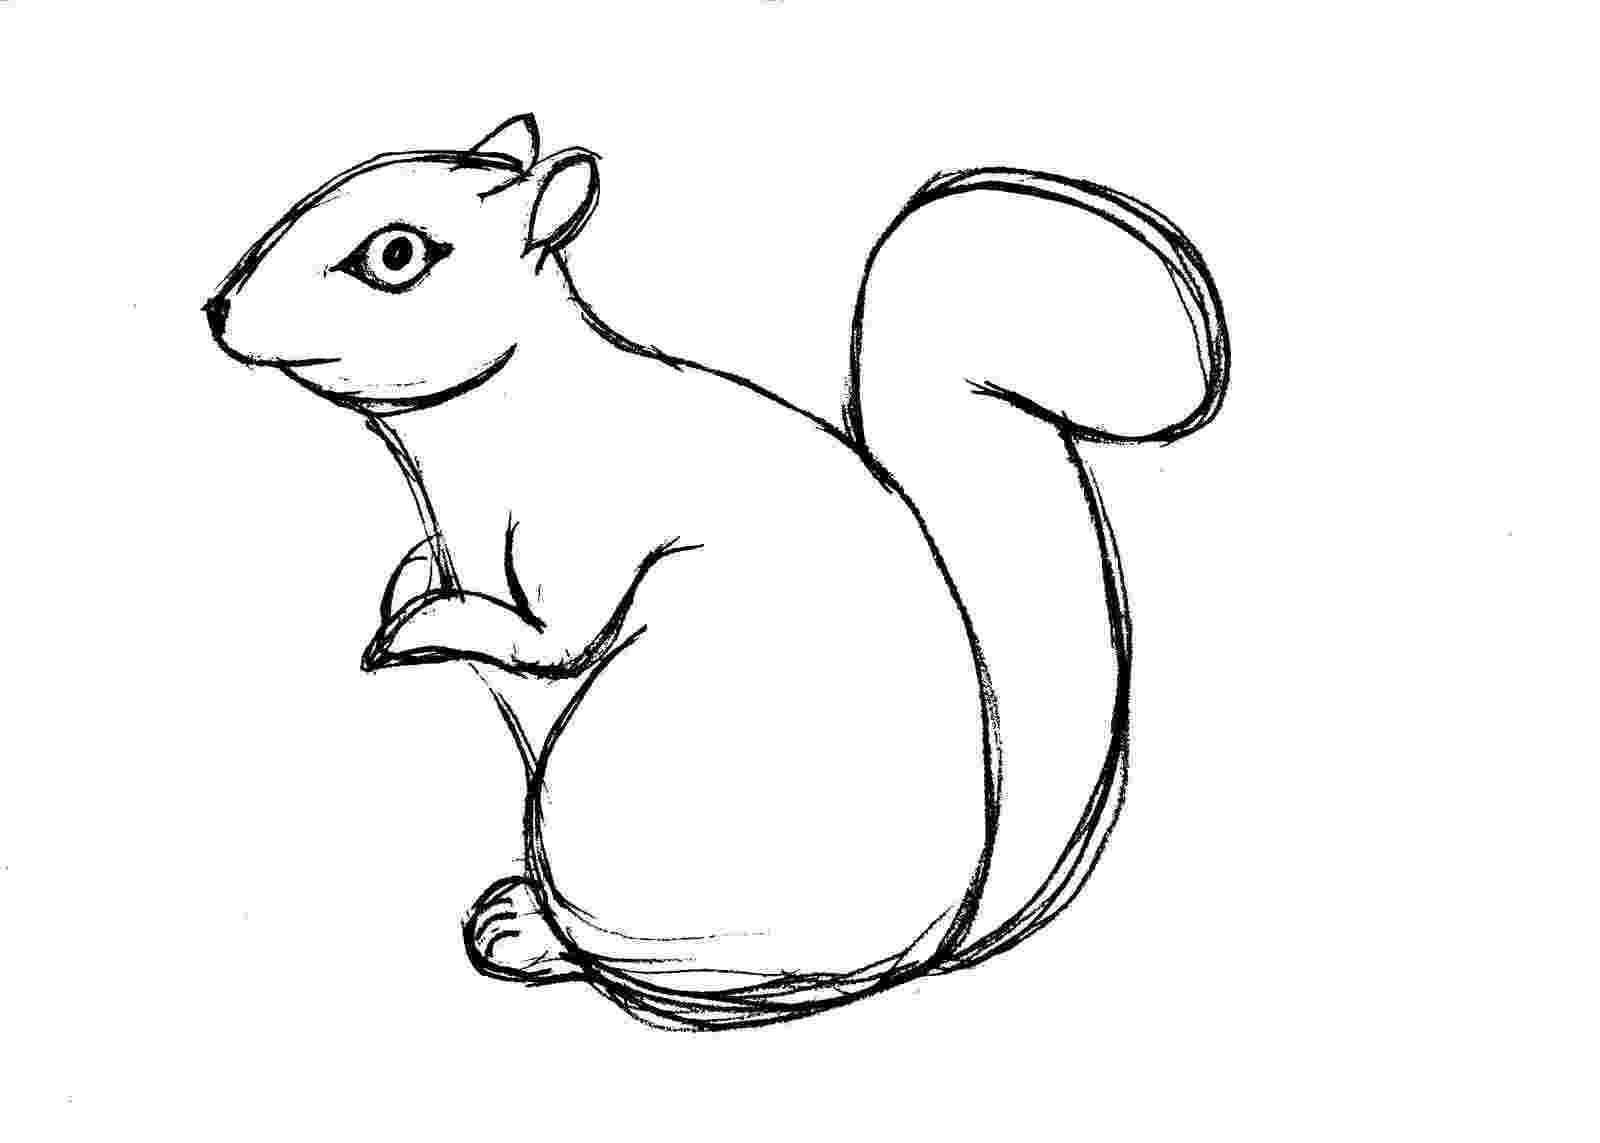 squirrel coloring page free printable squirrel coloring pages for kids animal place squirrel coloring page